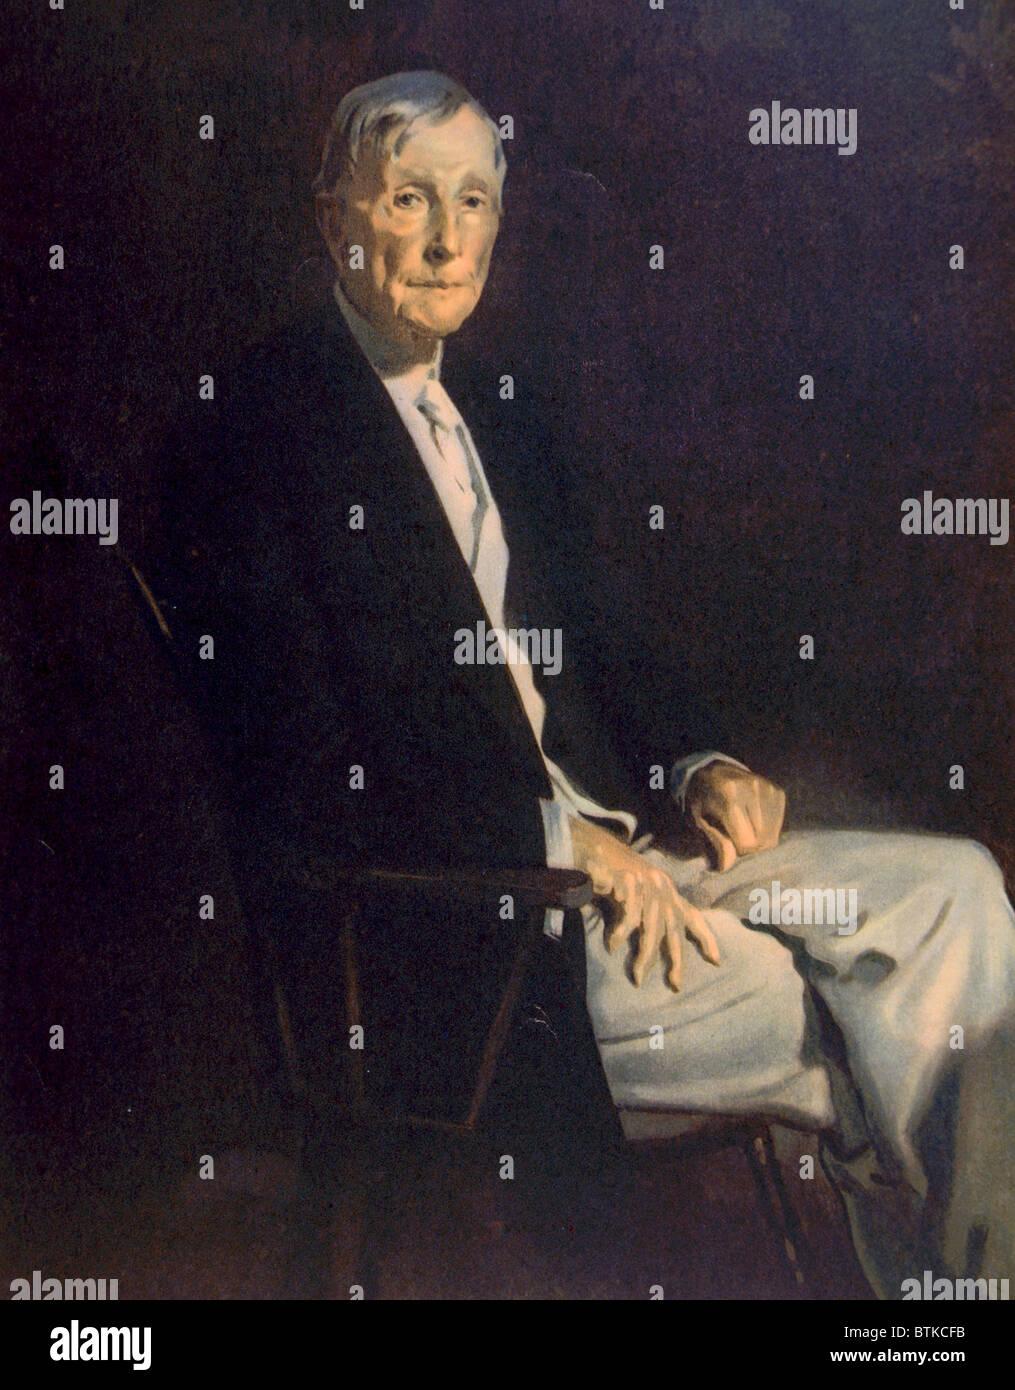 John D. Rockefeller (1839-1937) - Stock Image